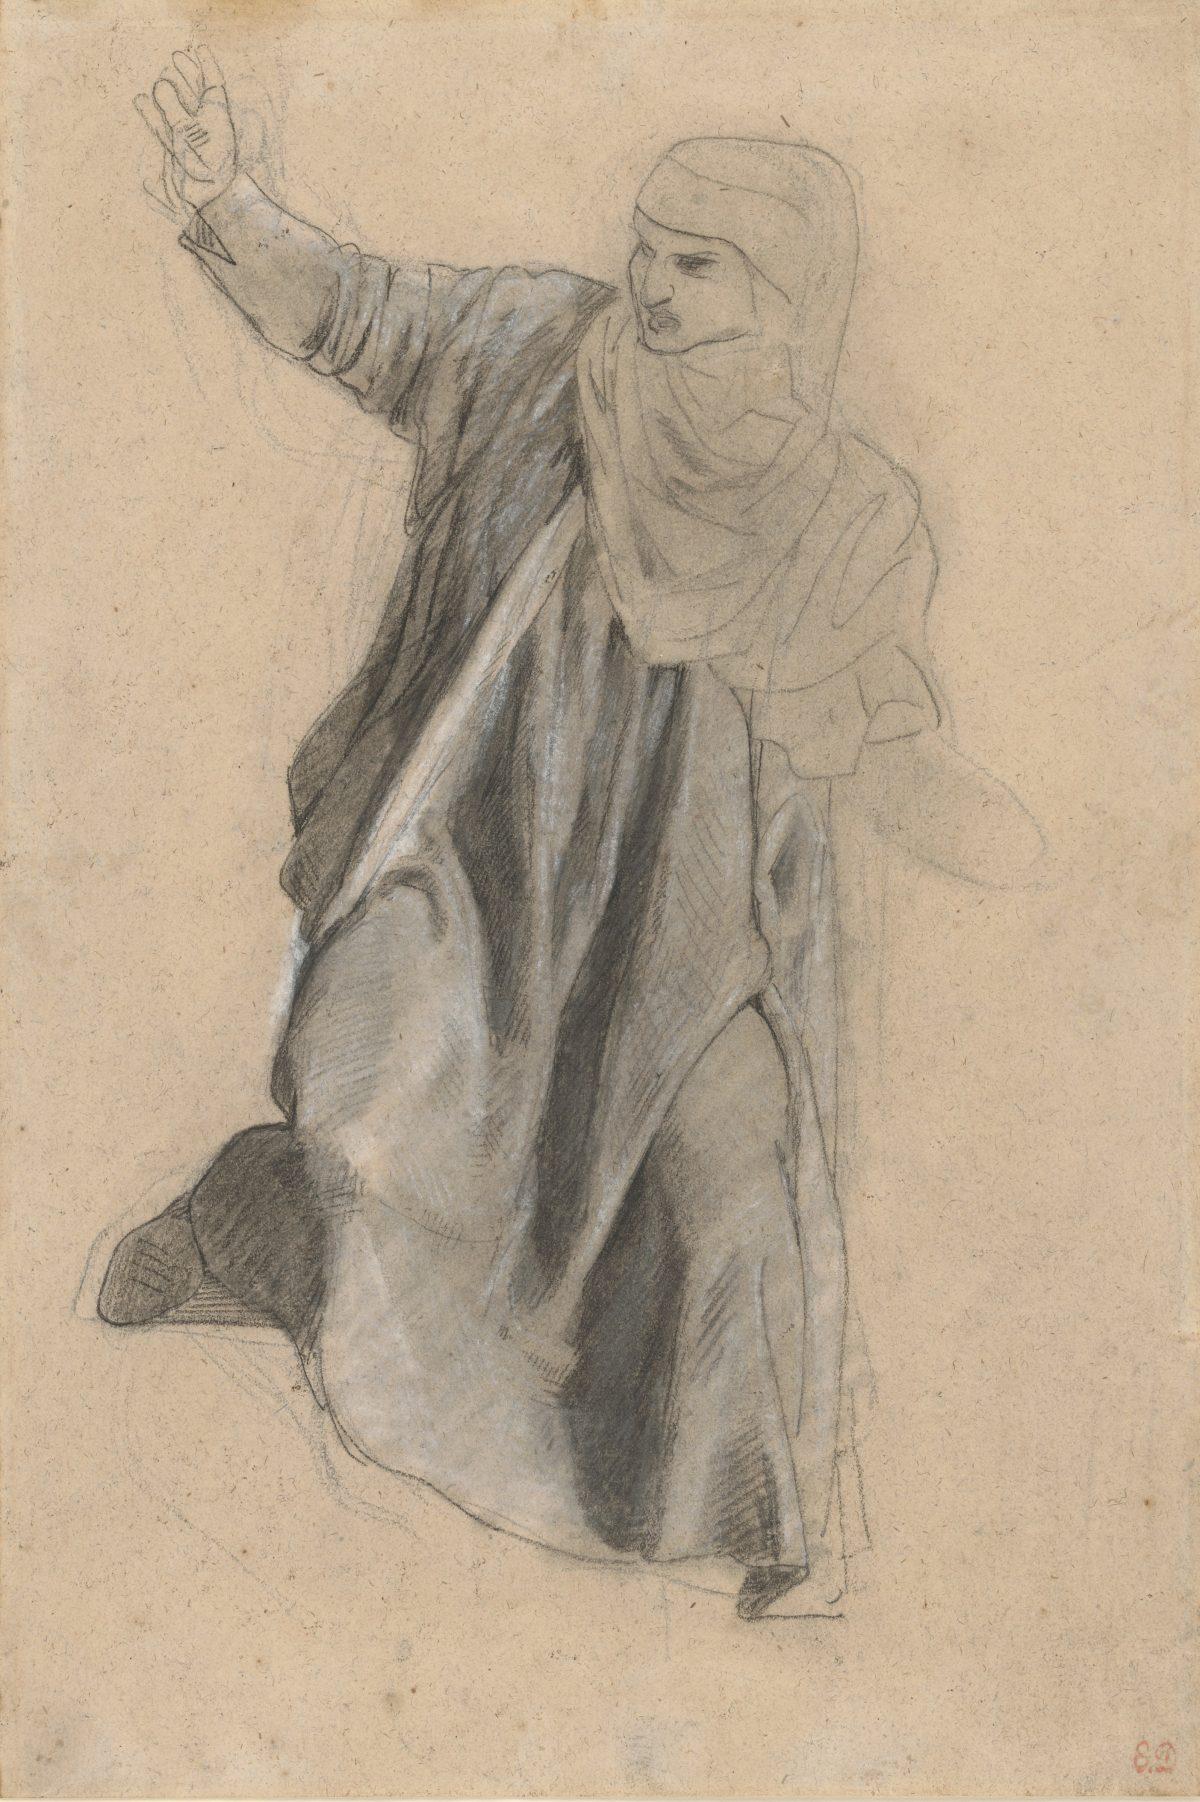 """Eugène Delacroix, Studie zu """"Die Dantebarke"""", 1821 - 1822, Bleistift und Kreide, 407 x 274 mm Blattmaß © Staatliche Graphische Sammlung München"""